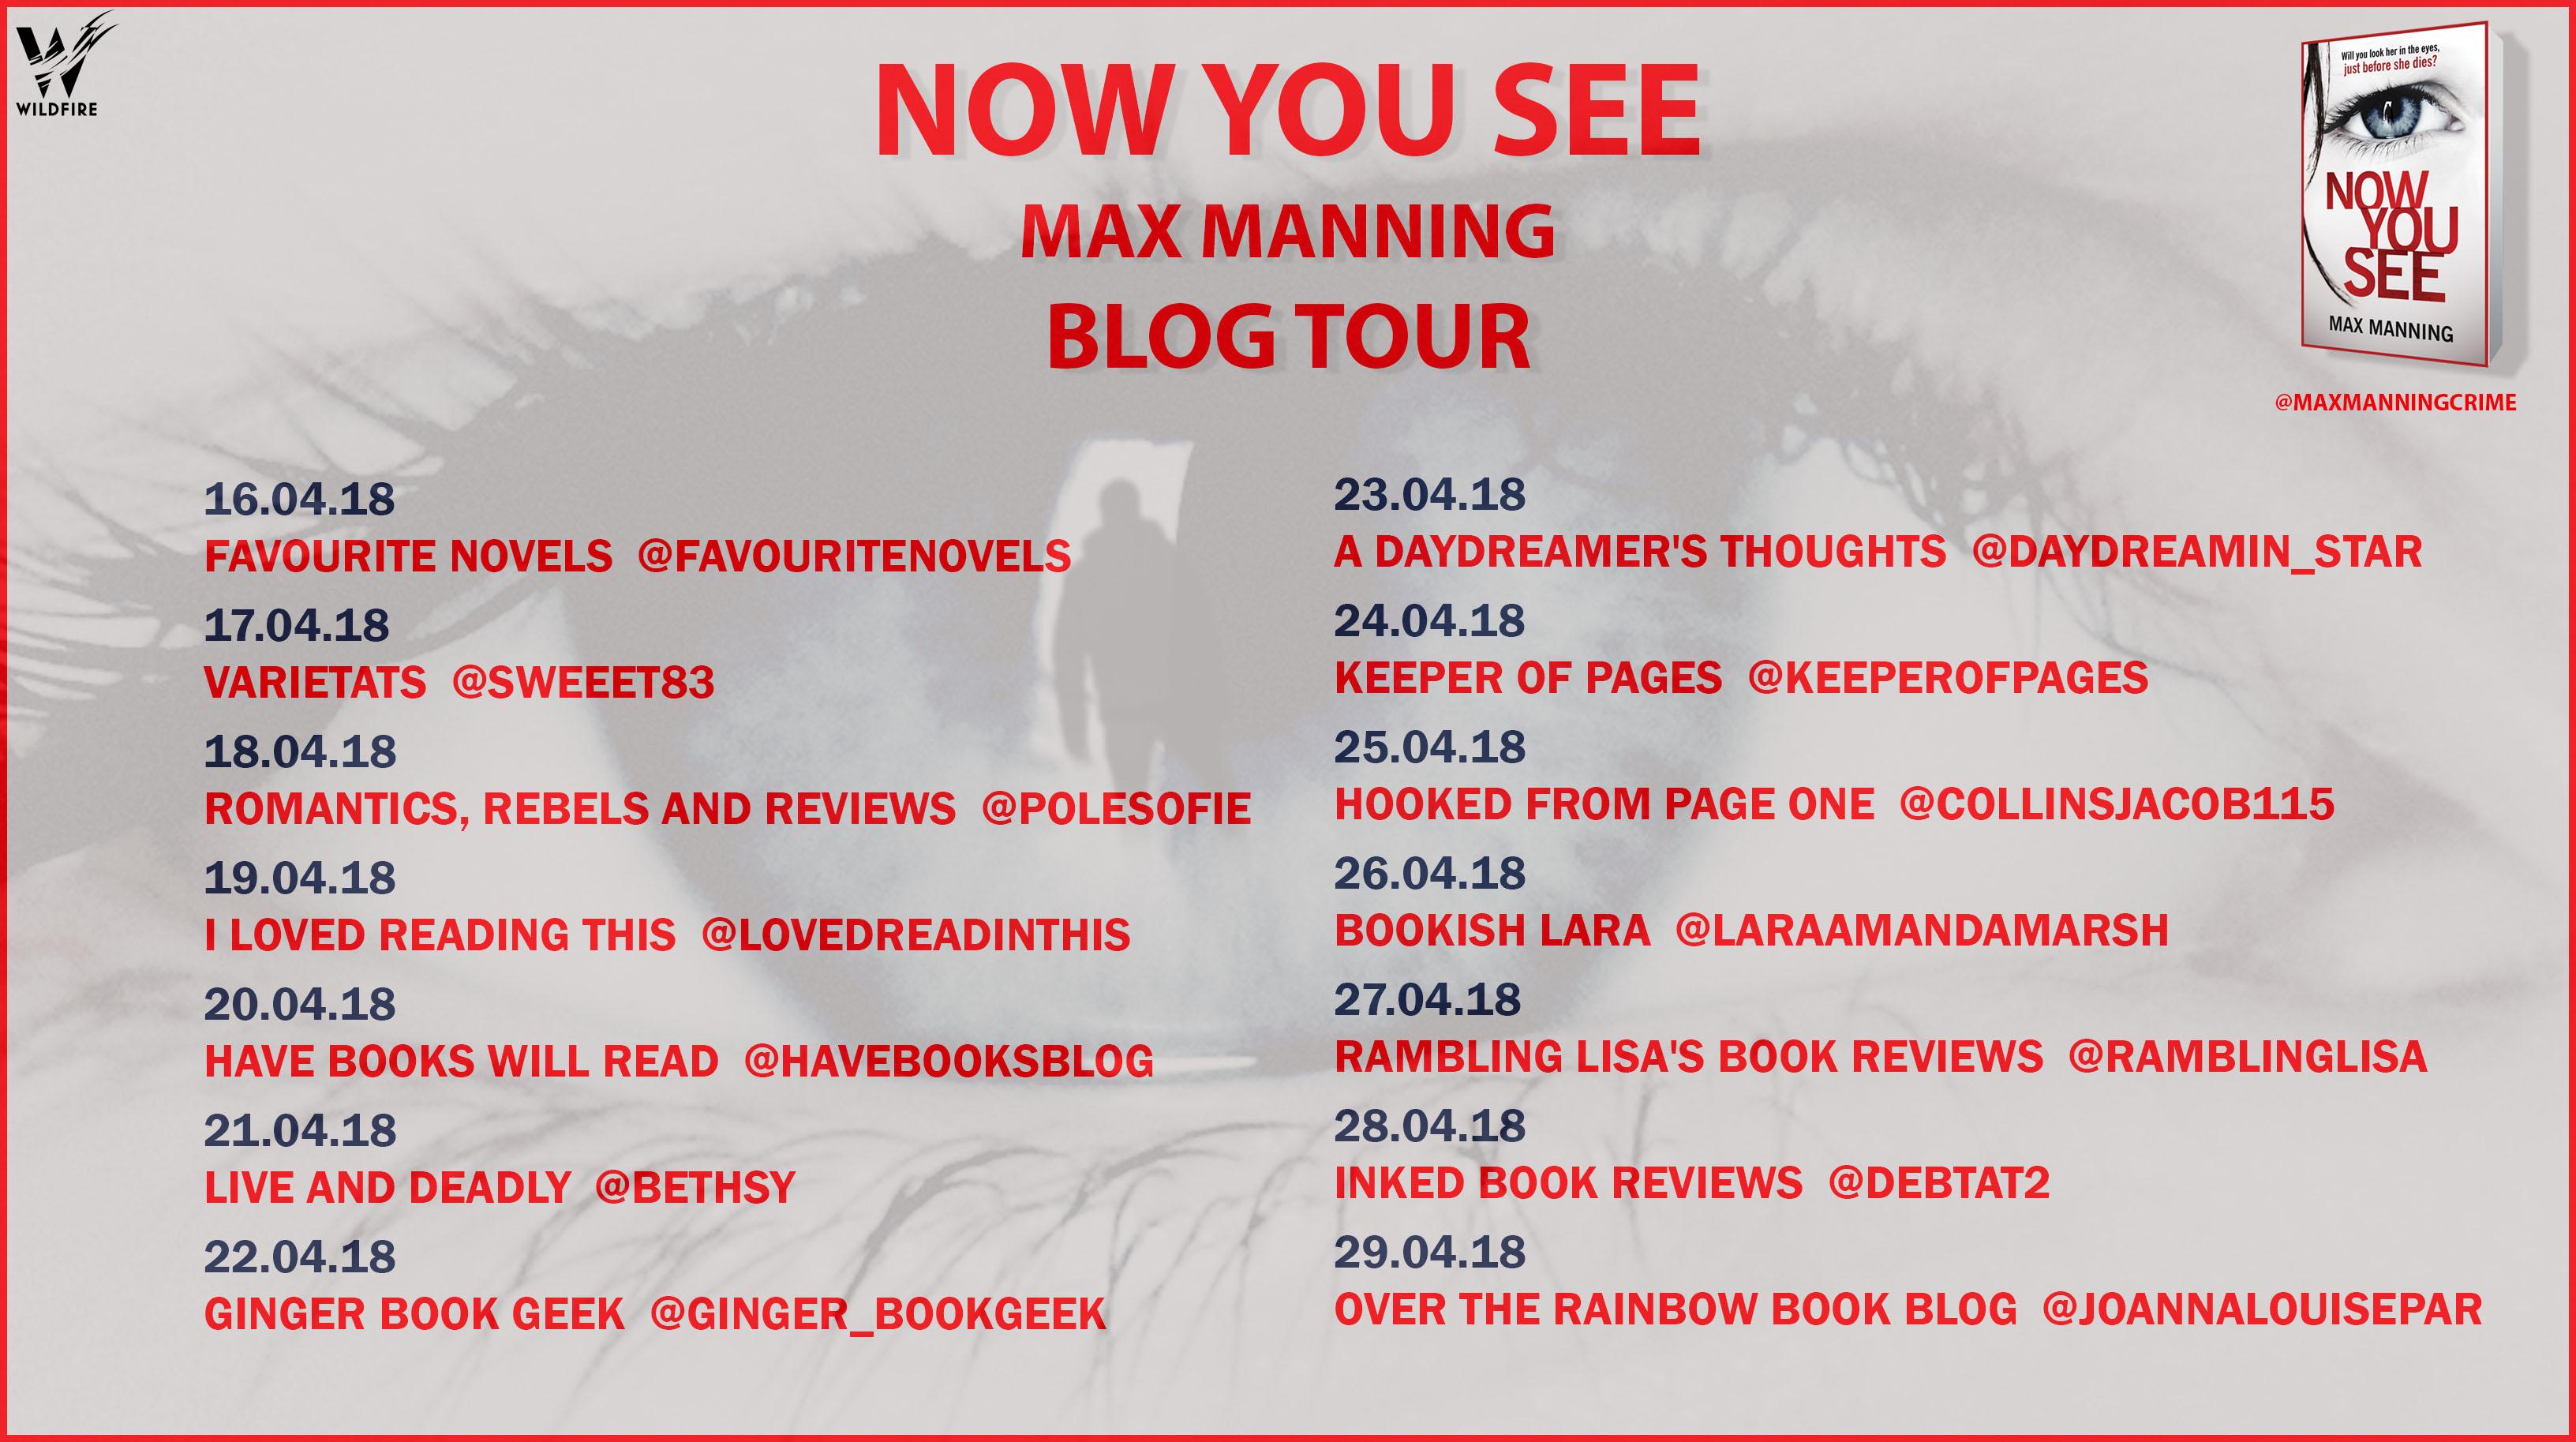 Max manning blog tour